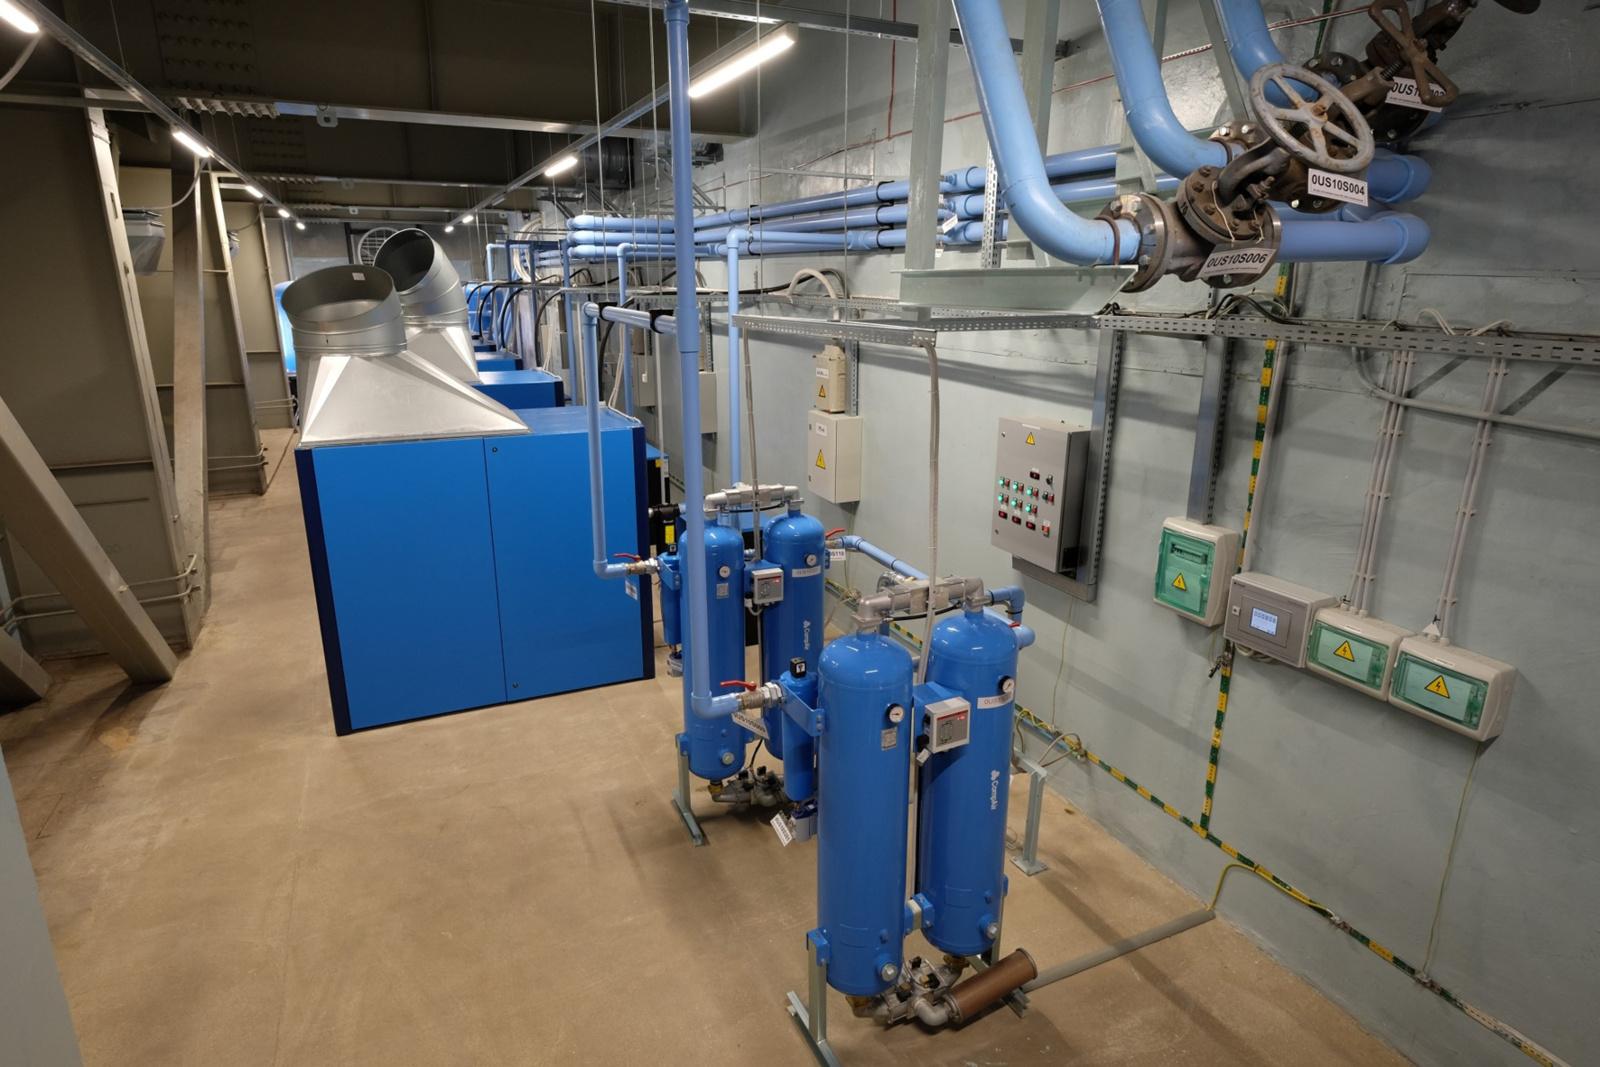 IAE ieškos, kas už 24 mln. eurų pasiūlys reaktorių išmontavimo būdą